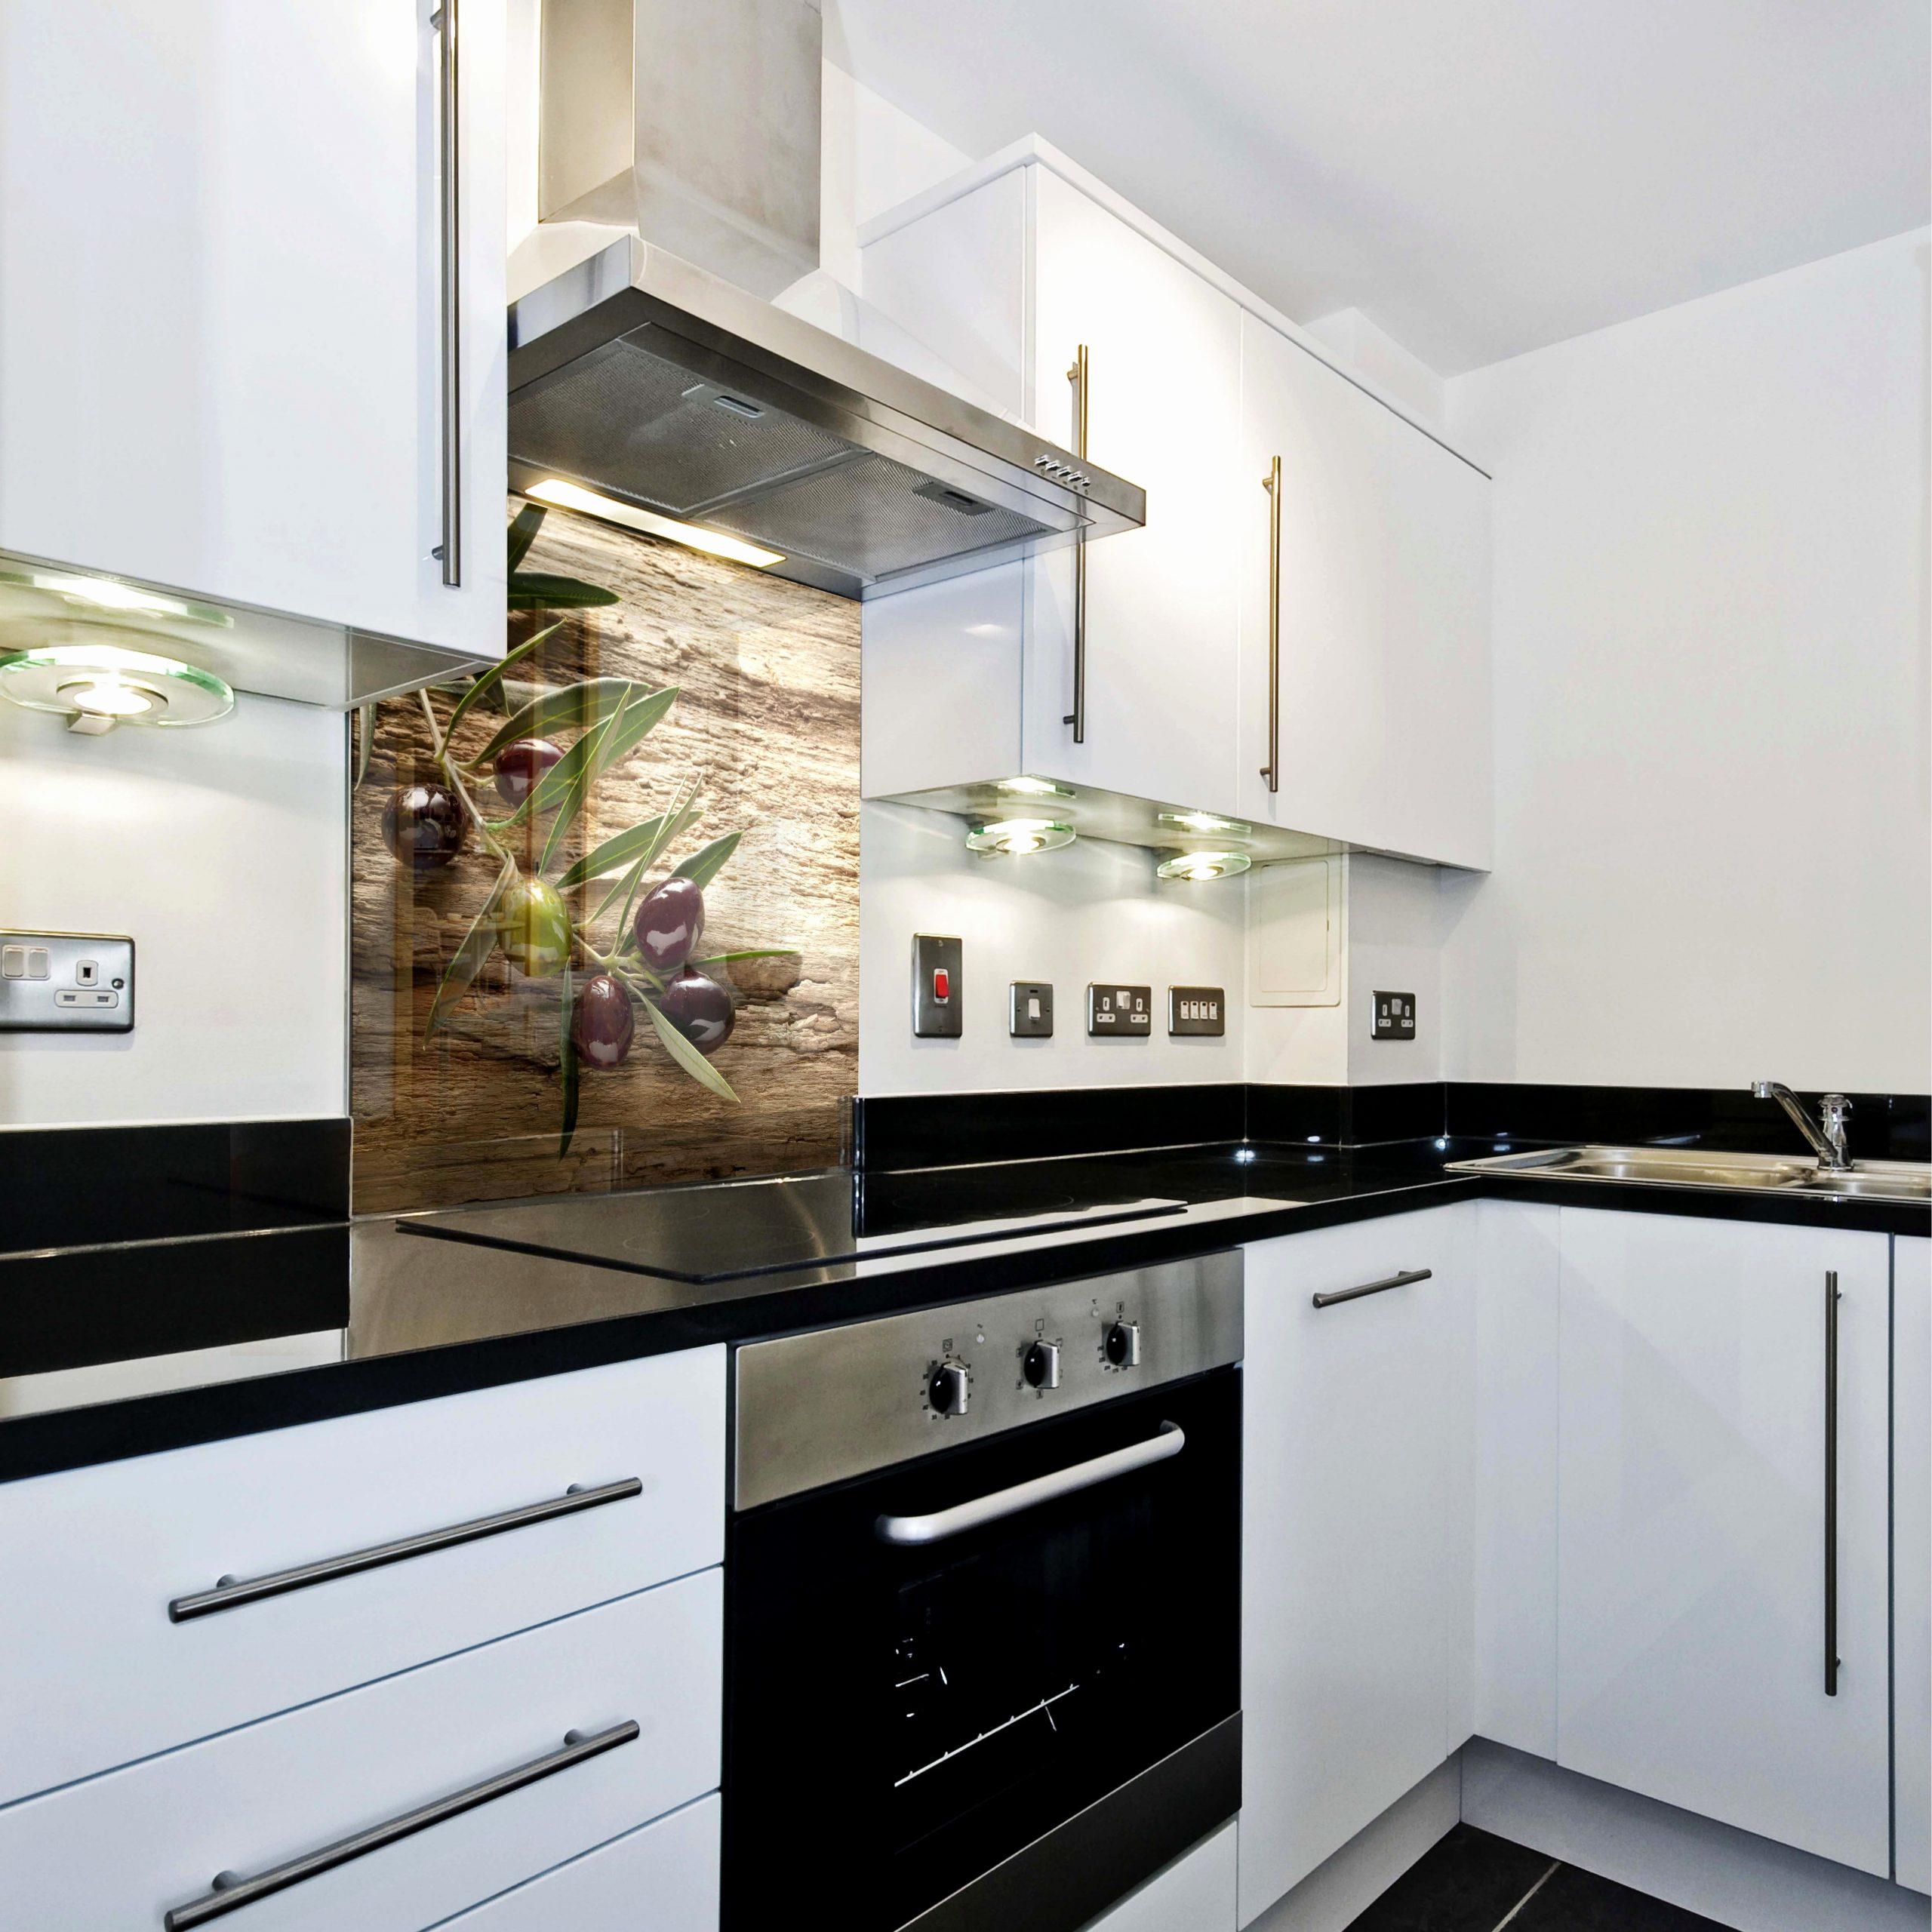 Full Size of Küche Mit Glasfront Elegant Ideen Glasbilder Küche Spritzschutz Mit Inspirierend Edelstahl Küche Glasbilder Küche